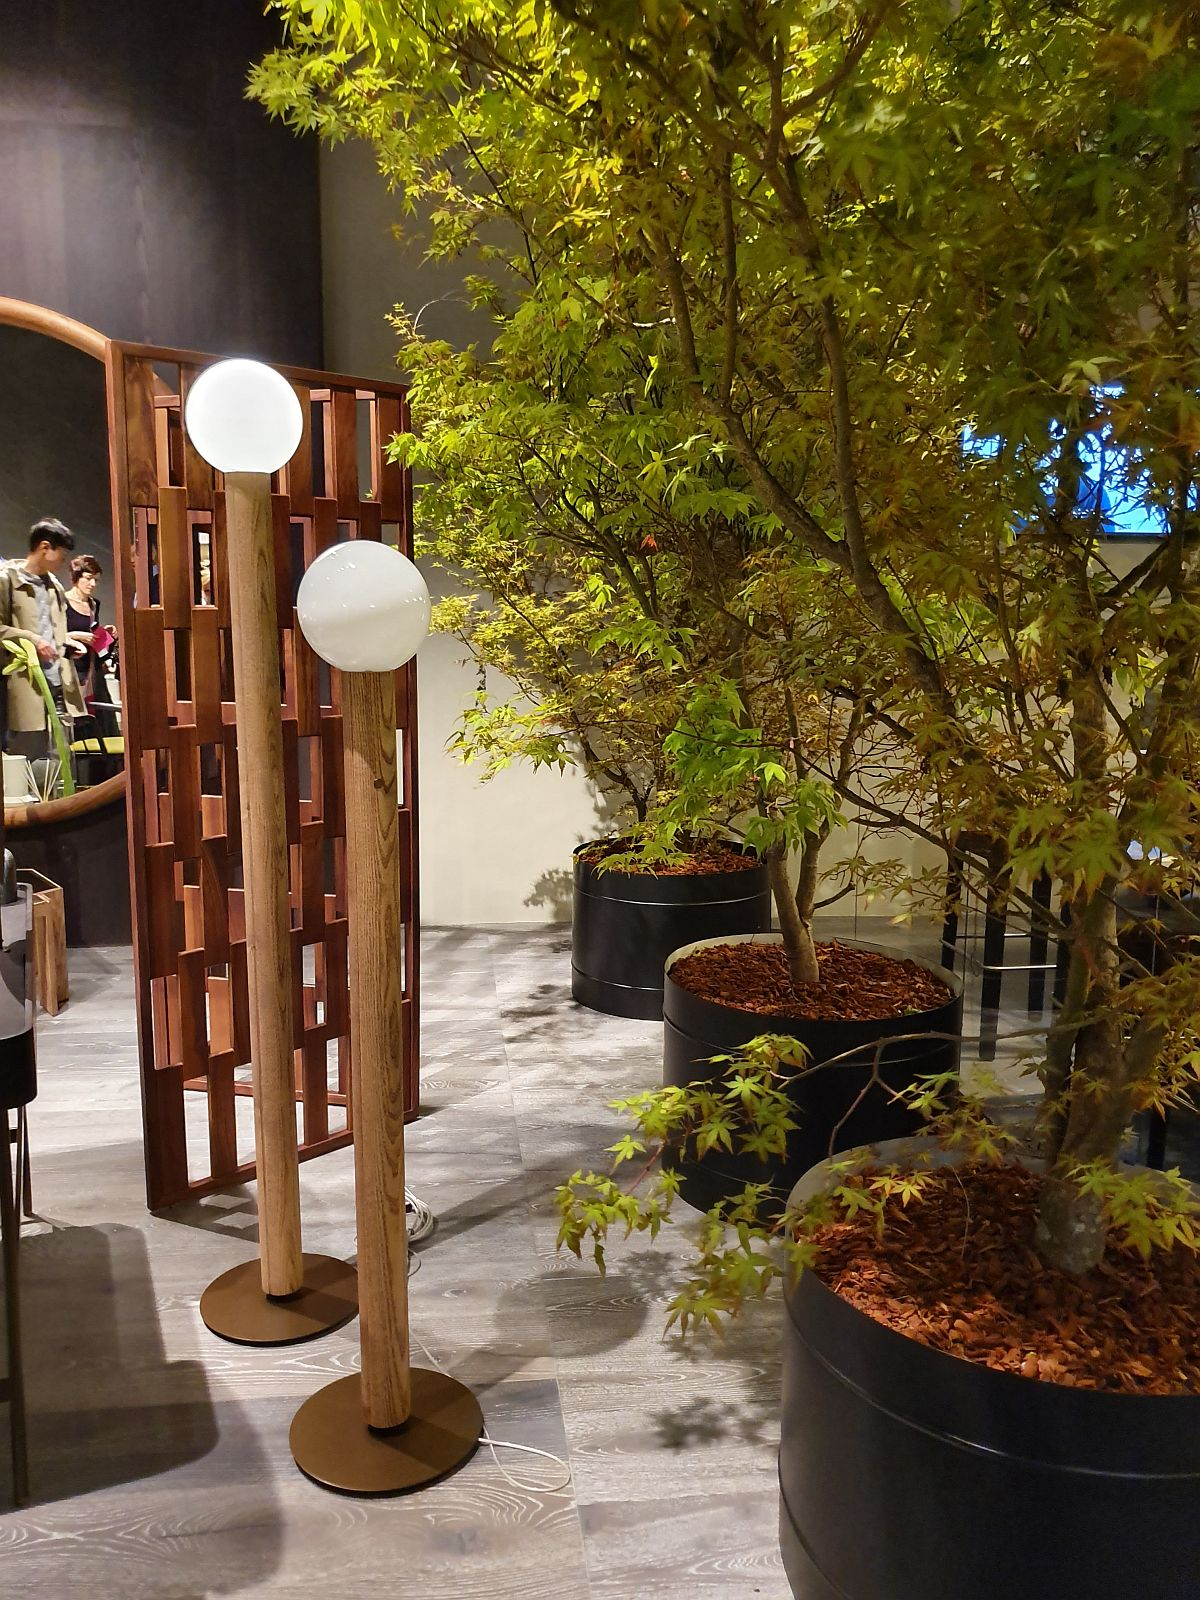 Piesele din lemn frumos lucrate de la Ceccotti Collezioni puse în valoare și de alăturarea cu plante înalte și bogate.